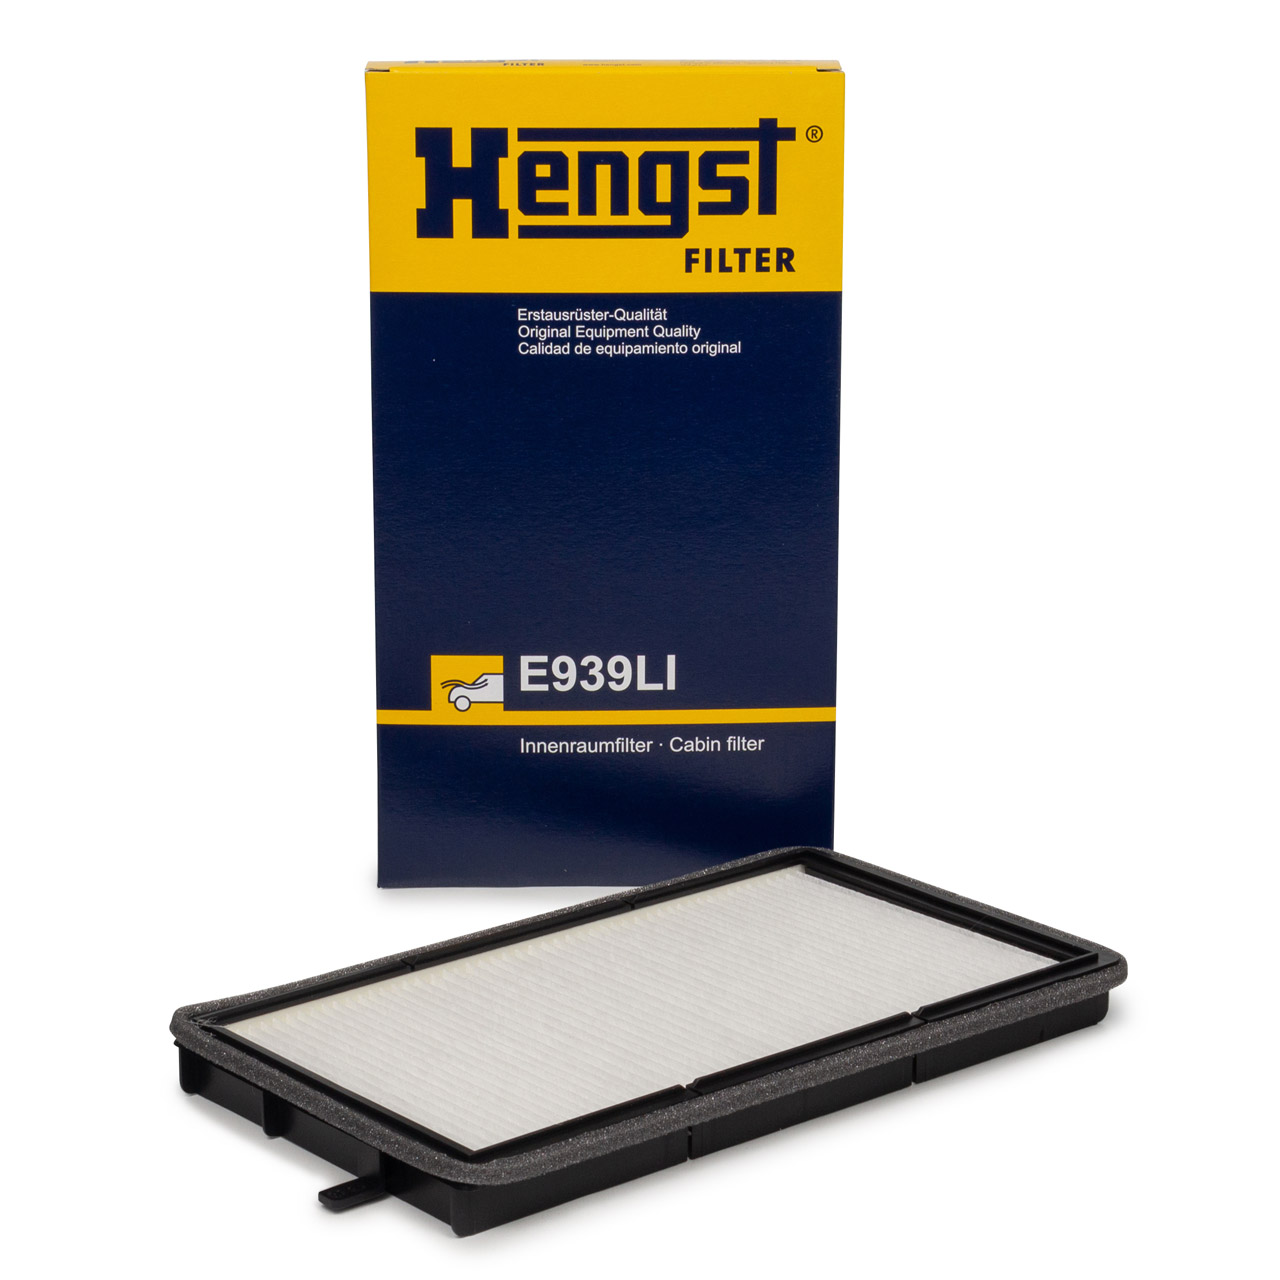 HENGST E939LI Innenraumfilter Pollenfilter für BMW 3er E36 (nicht für COMPACT) 64111393489